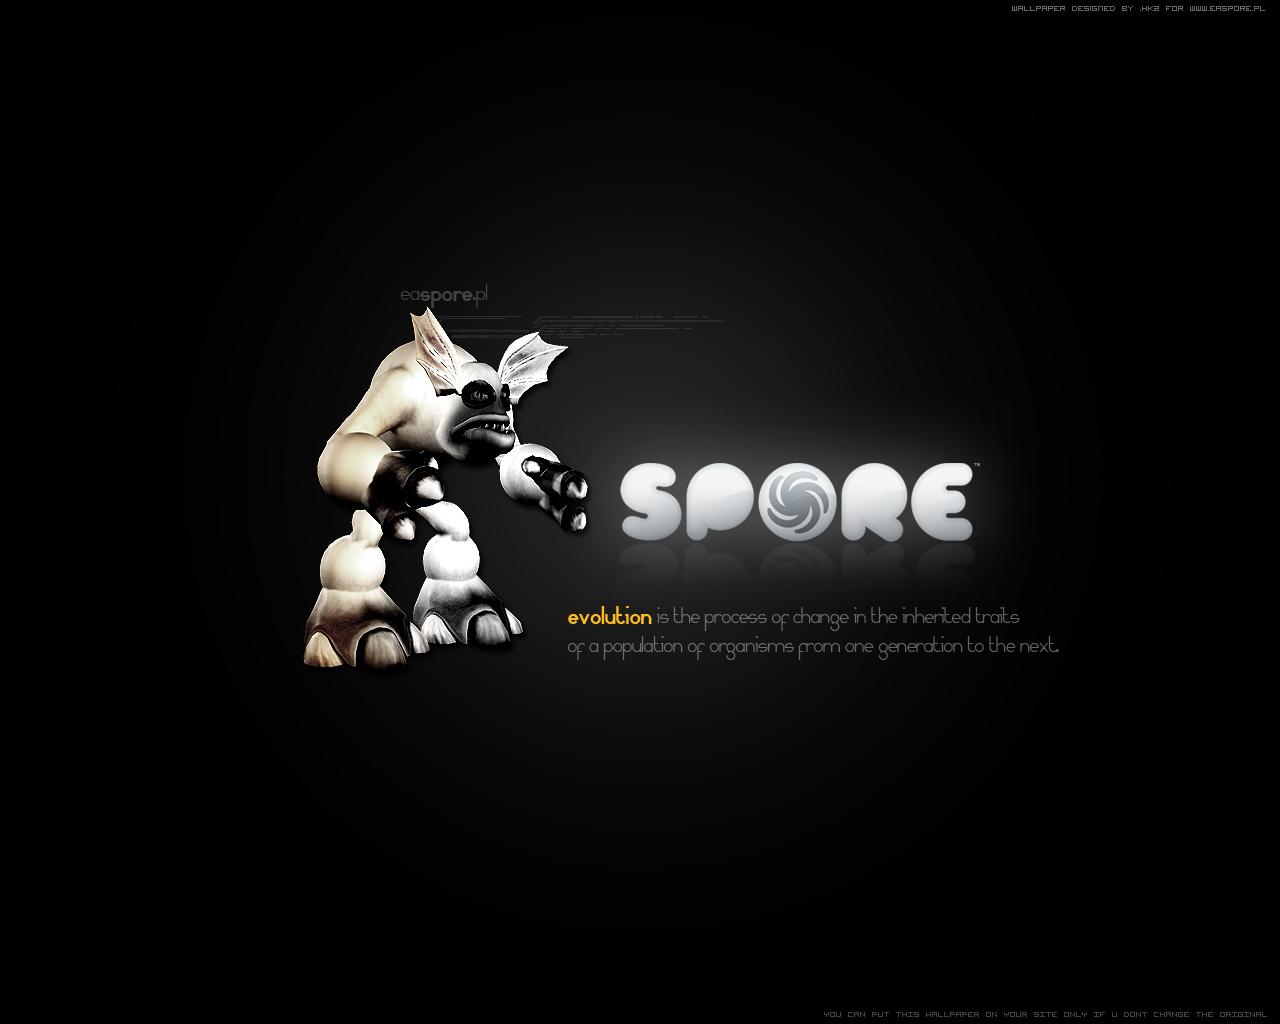 Spore Wallpaper 1280x1024